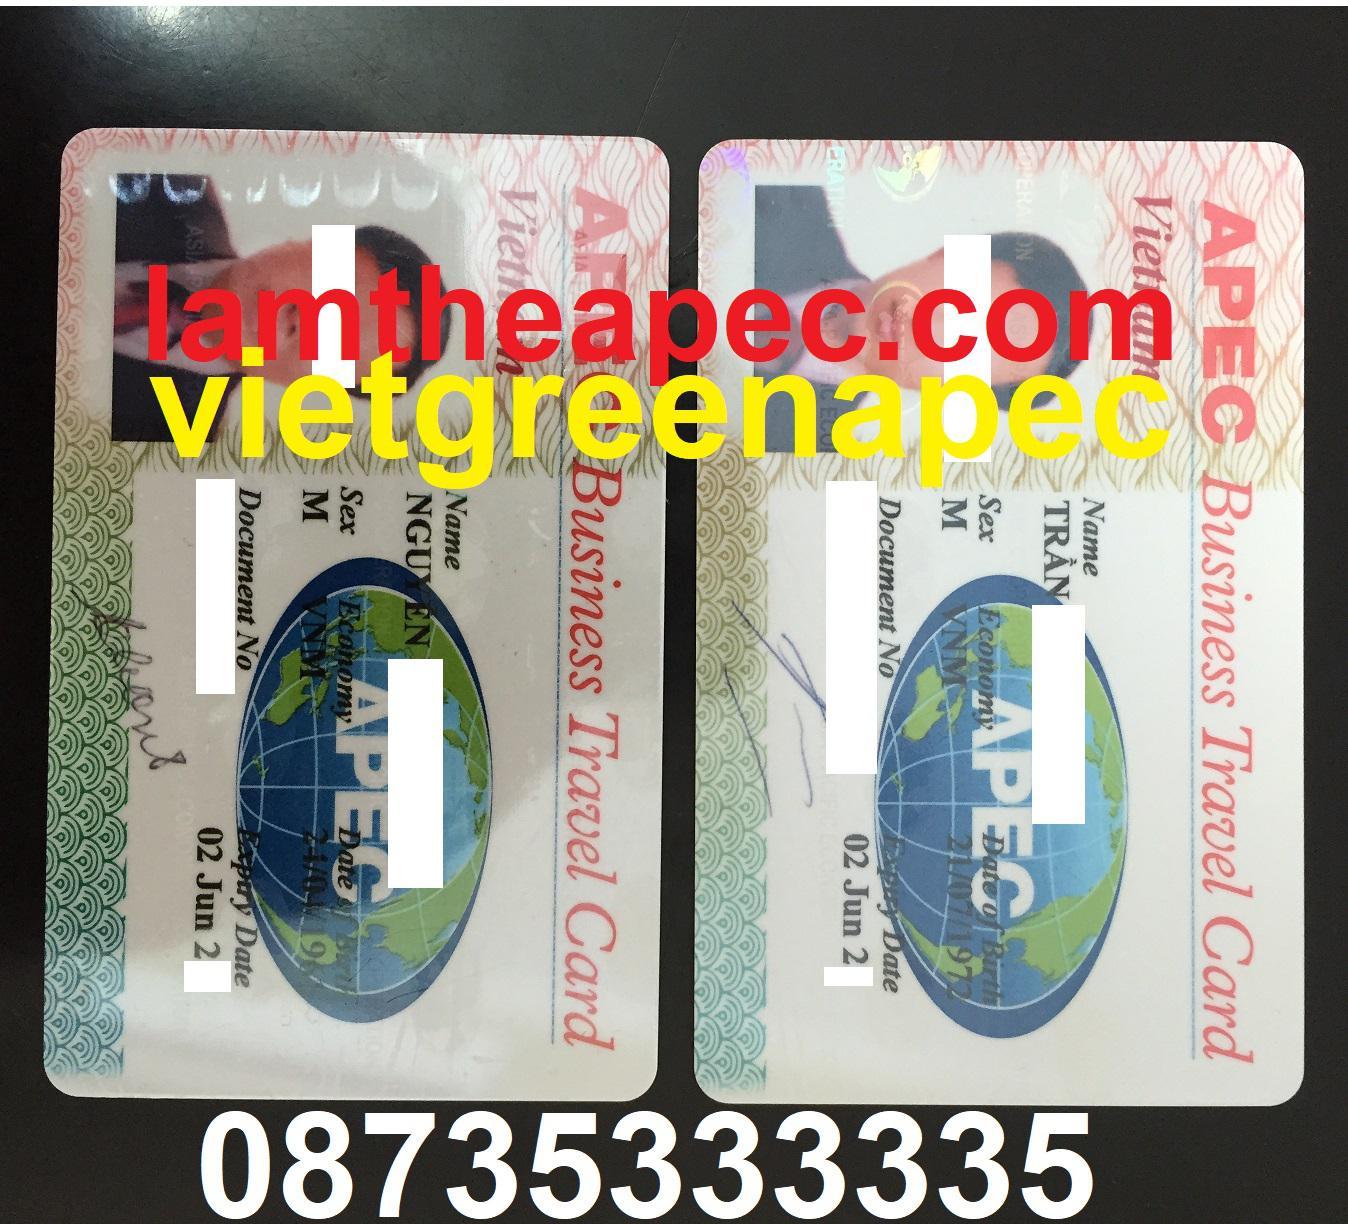 8 lí do khiến doanh nhân bị từ chối cấp thẻ APEC